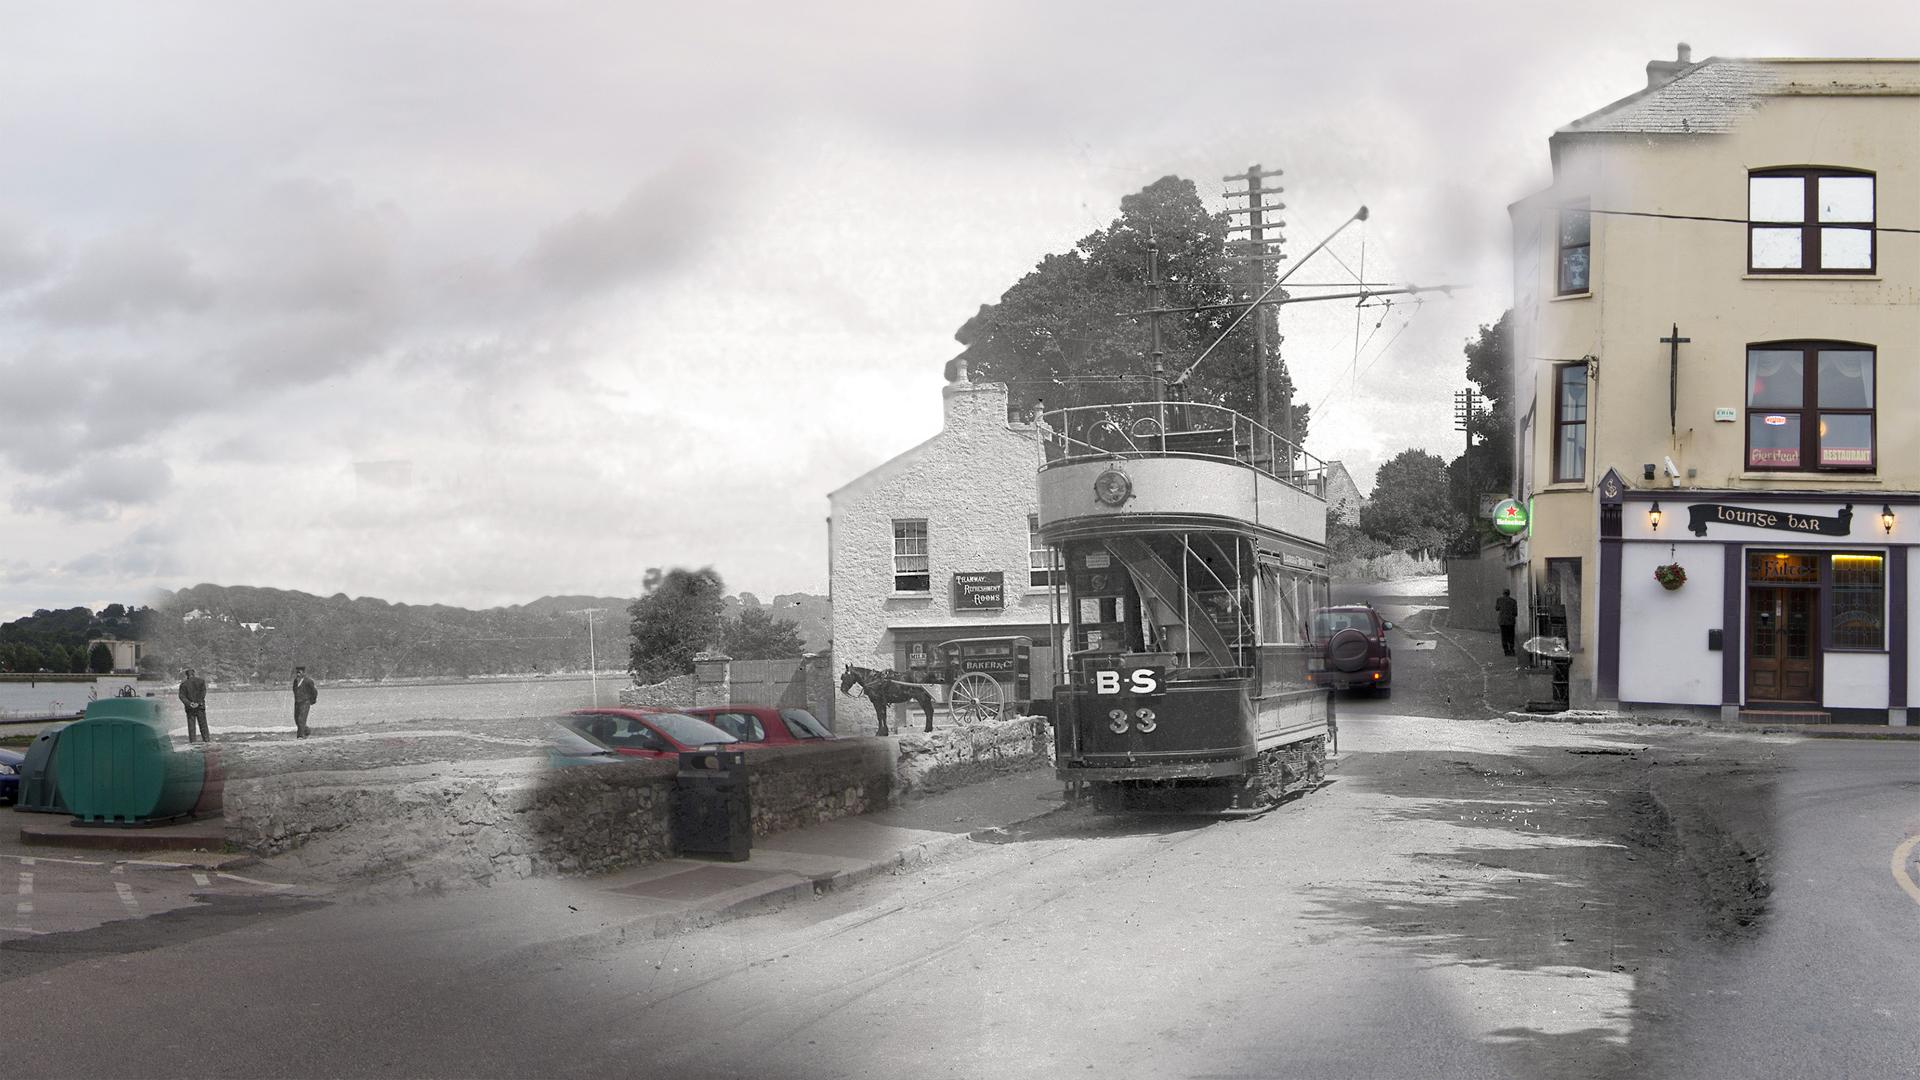 Blackrock Tram